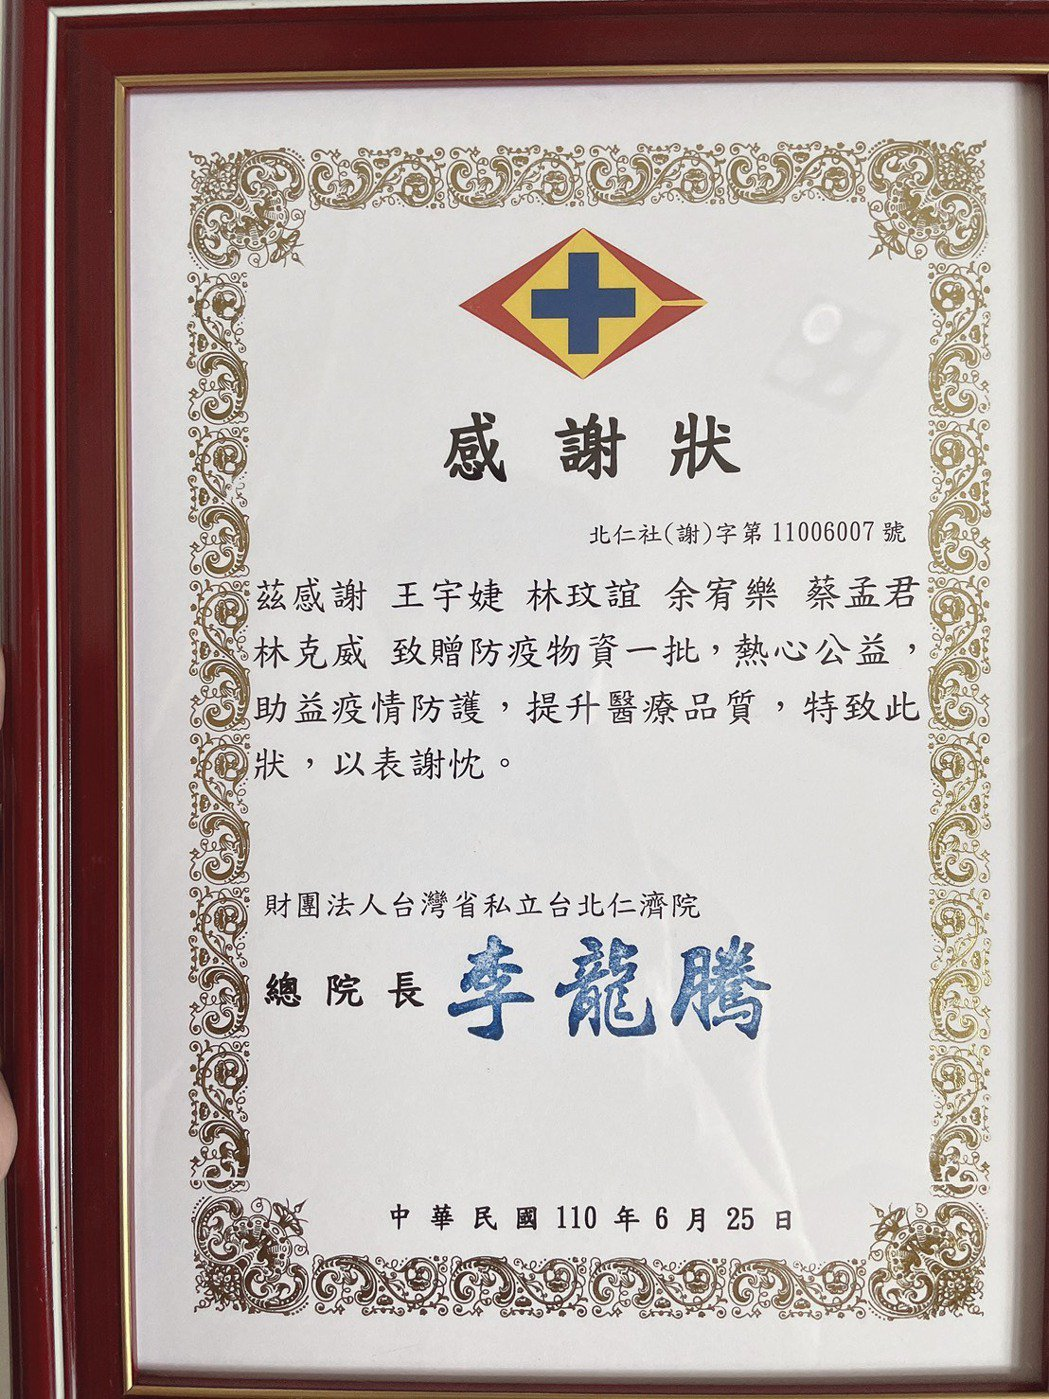 余宥樂代表藝人好友、商界朋友捐防疫用品,收到醫院感謝狀。圖/星浪娛樂提供